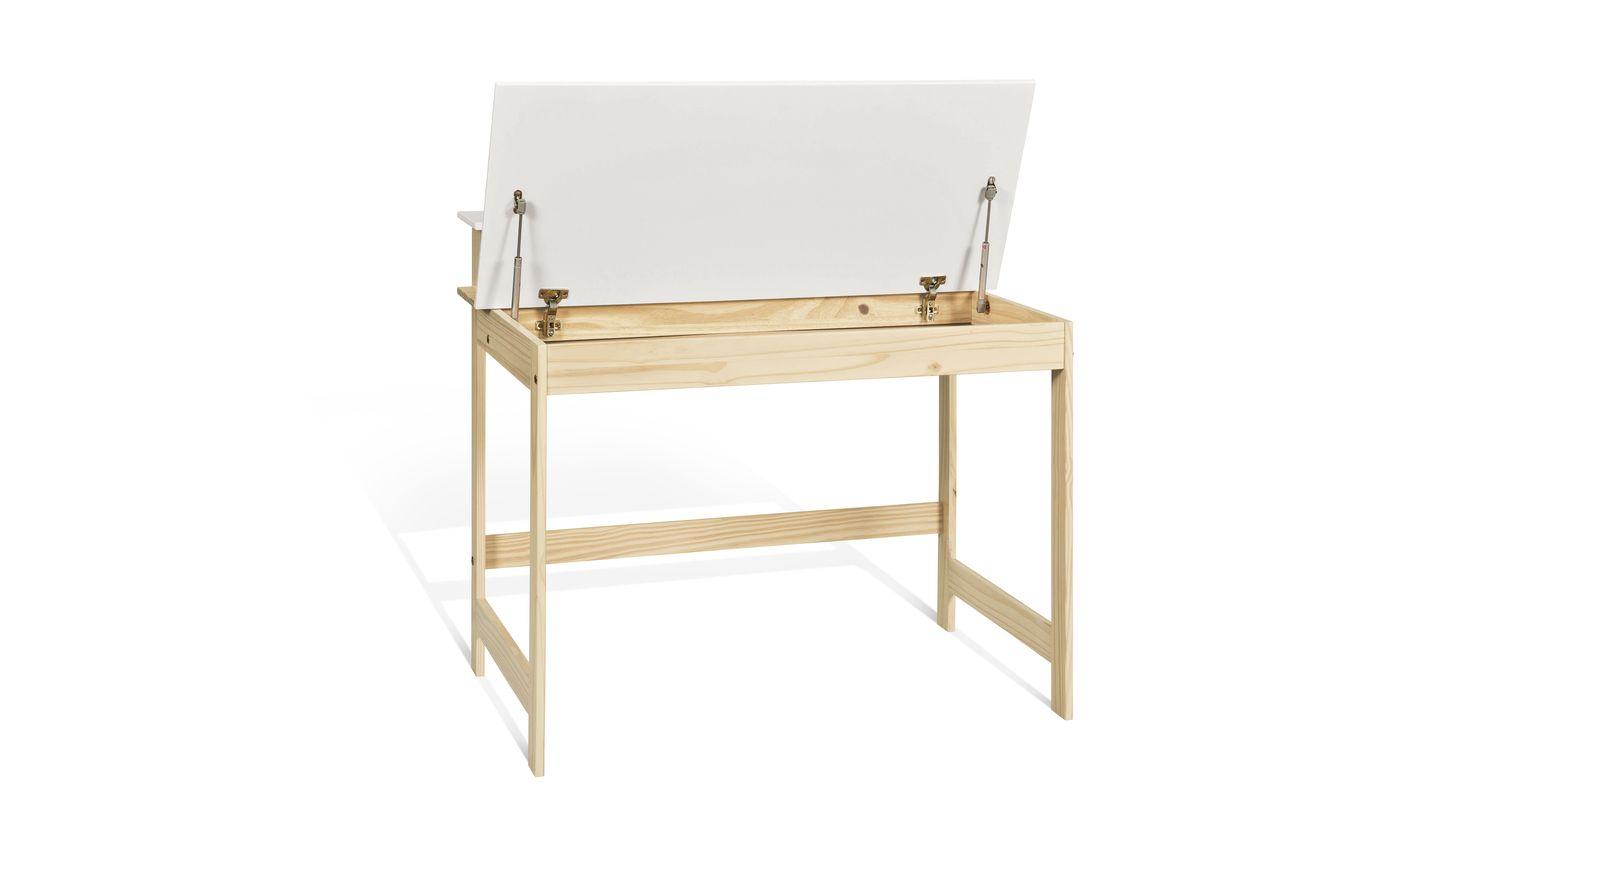 Schreibtisch Stauraum praktischer schreibtisch mit großem ablagefach für kinder - erin